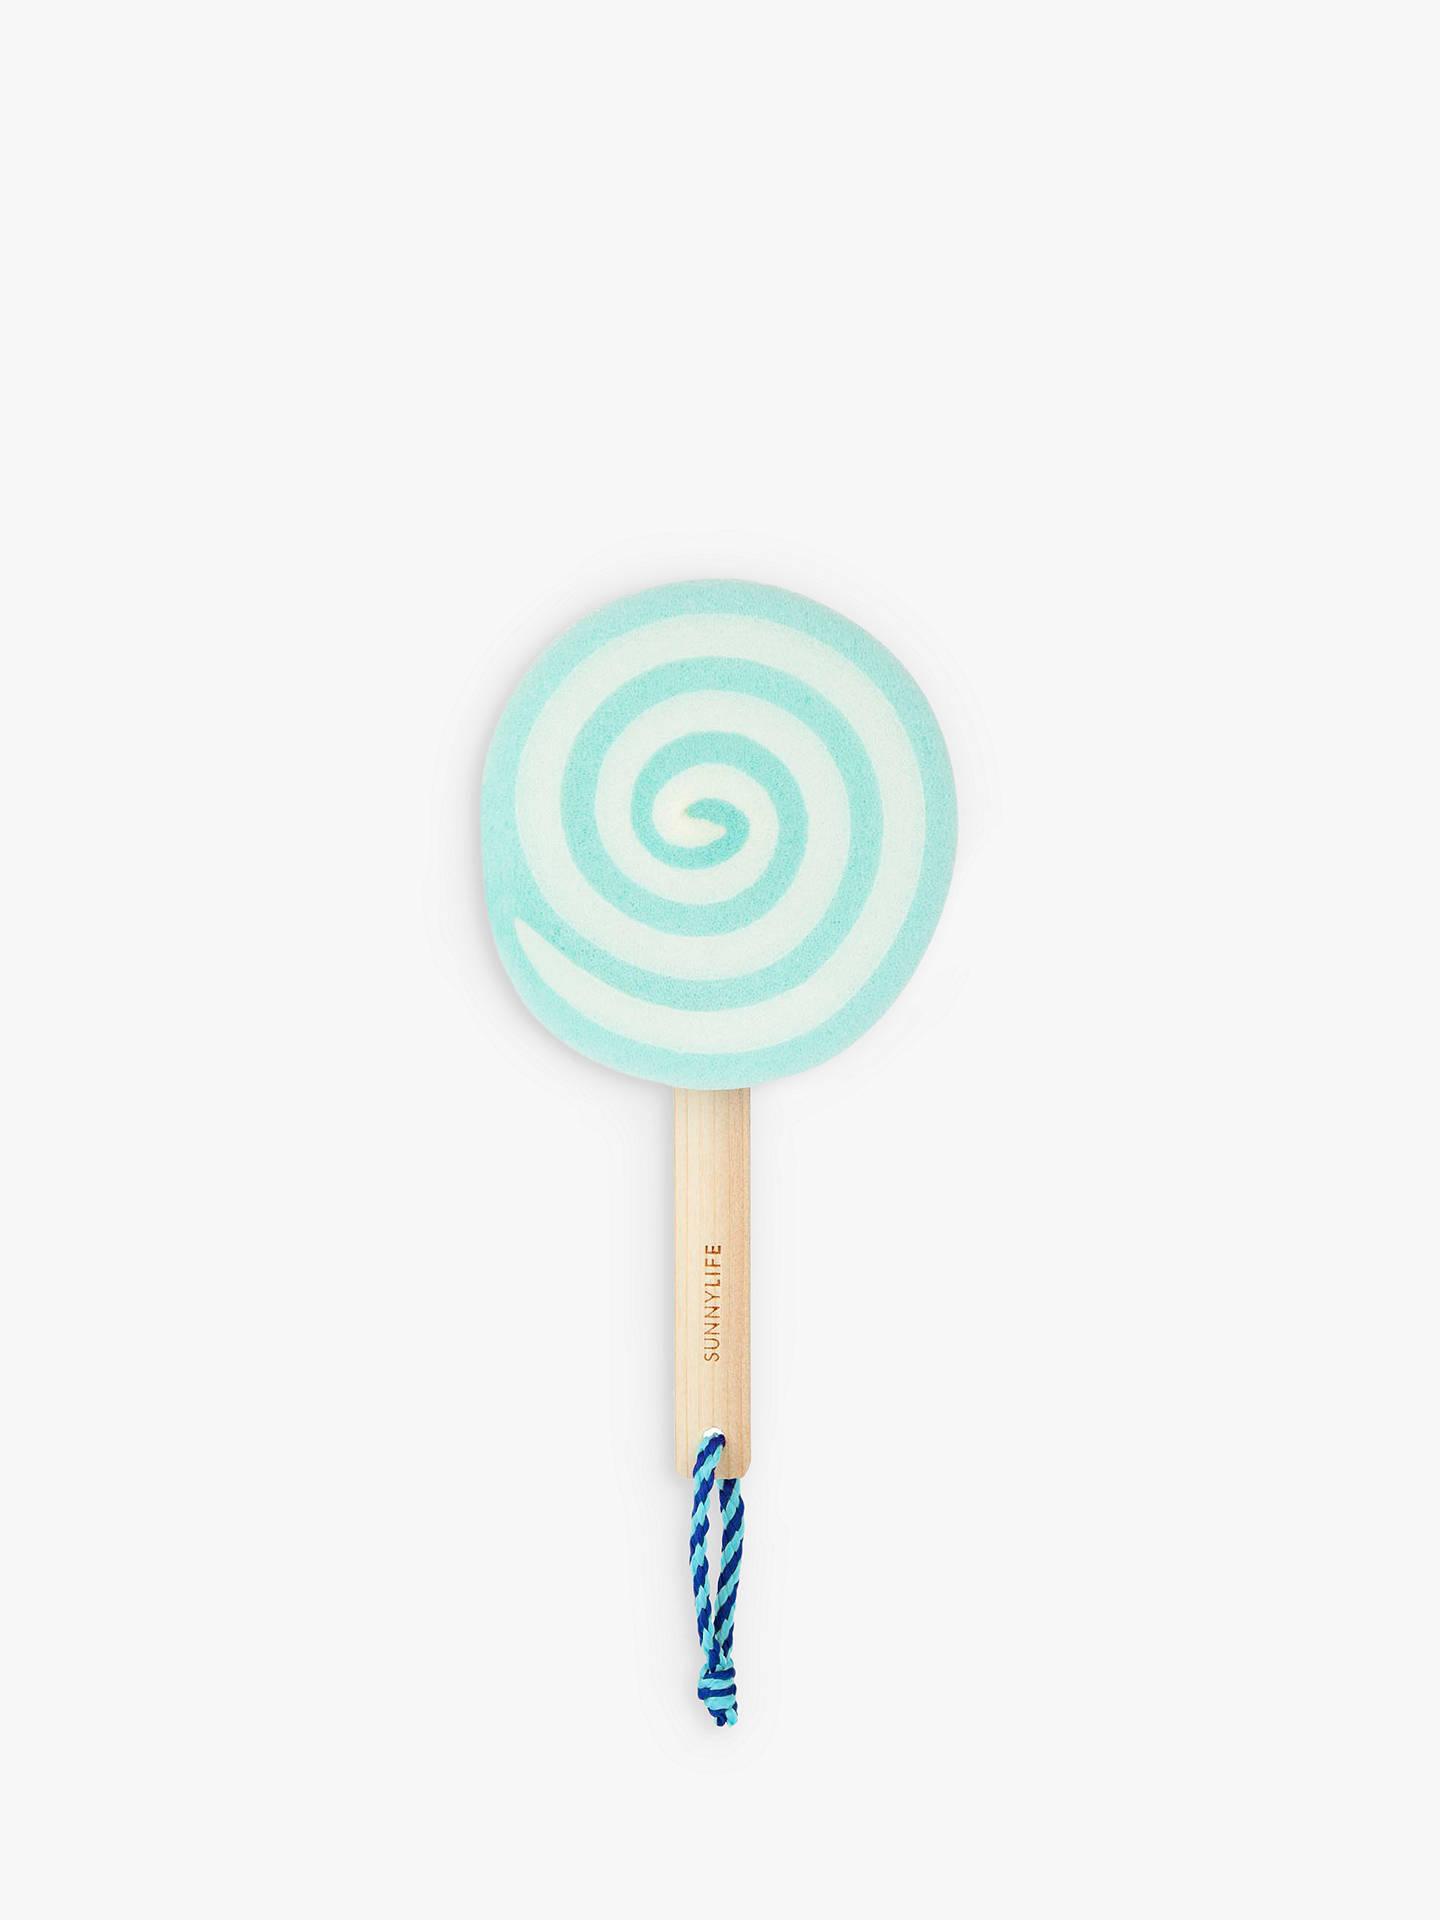 Sunnylife Ice Lolly Sponge, Blue by Sunnylife